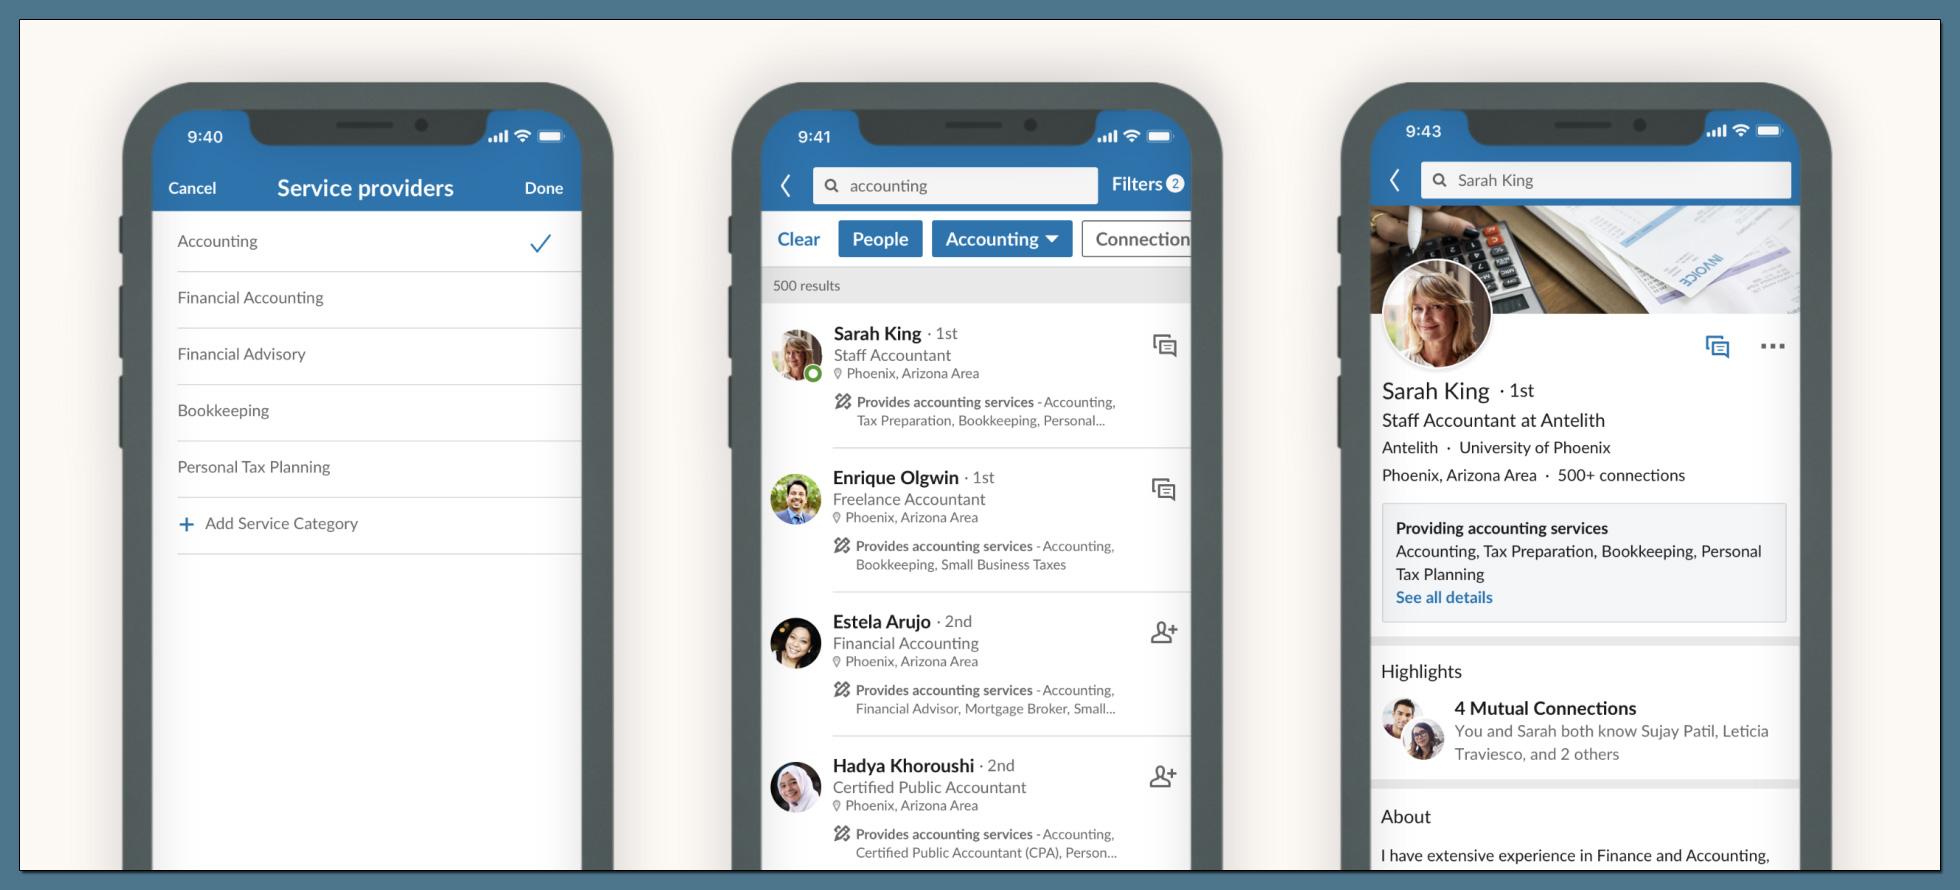 LinkedIn Services in der Suche